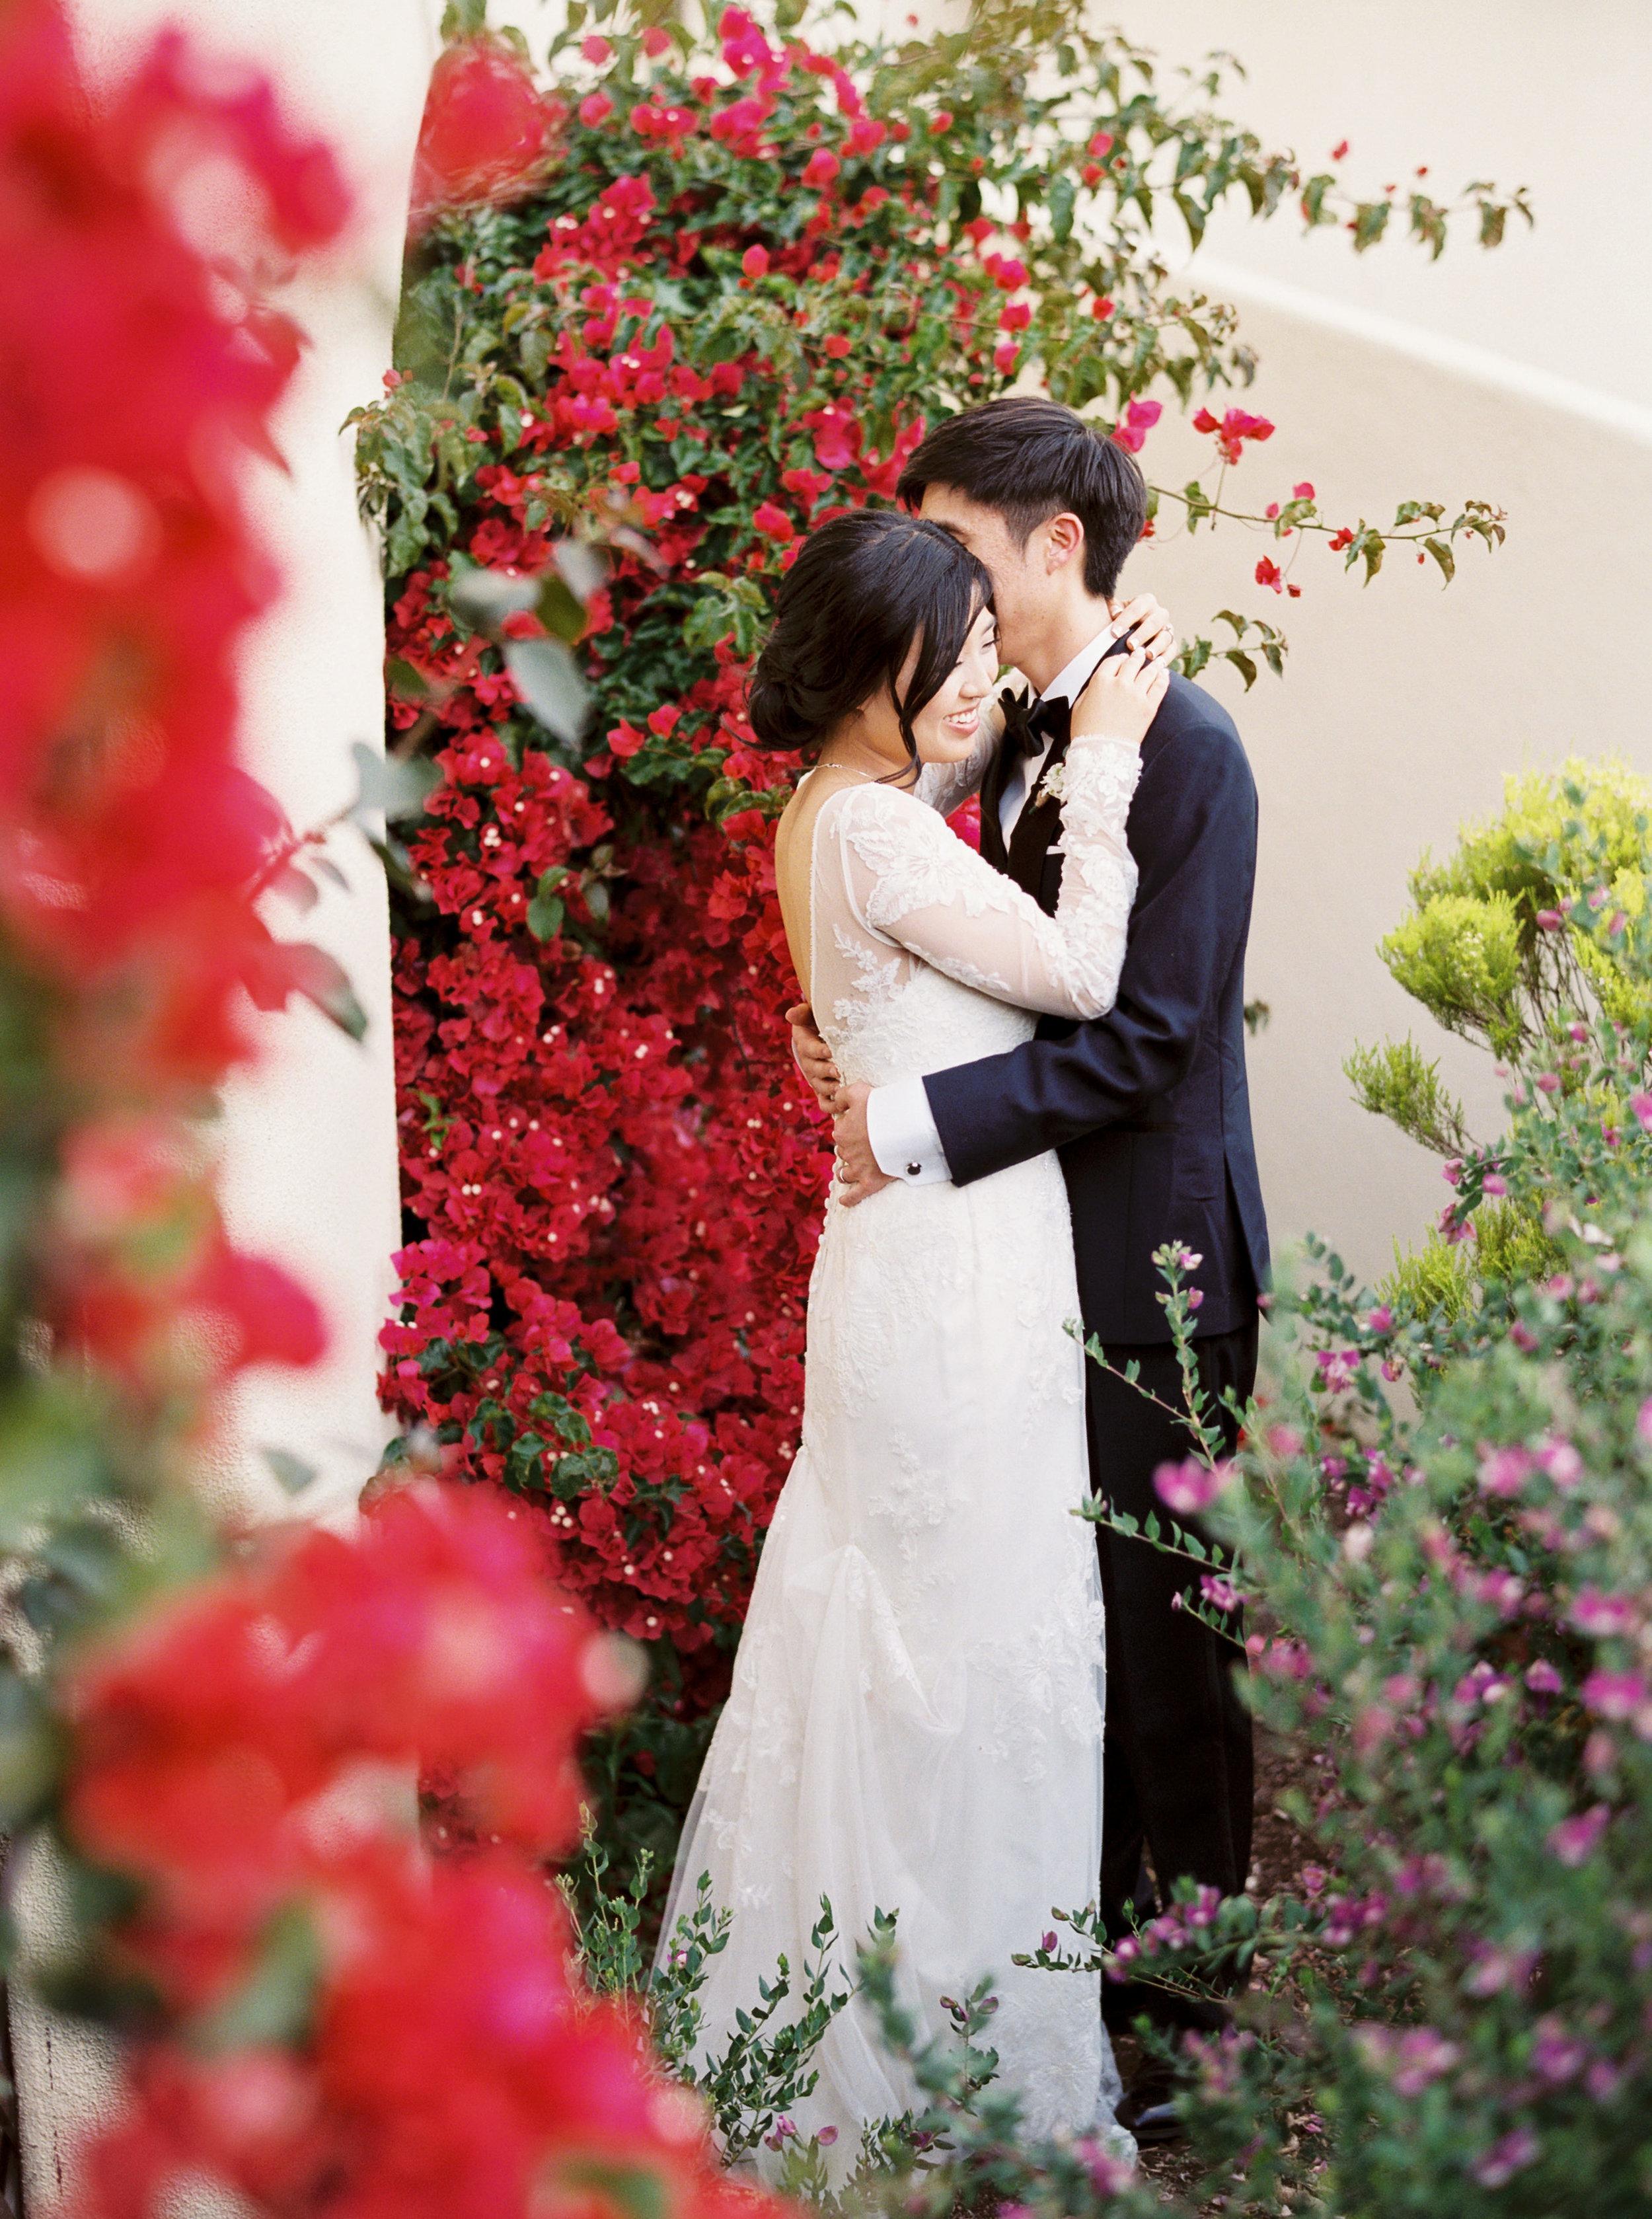 carmel-wedding-at-wedgewood-carmel-california-25.jpg